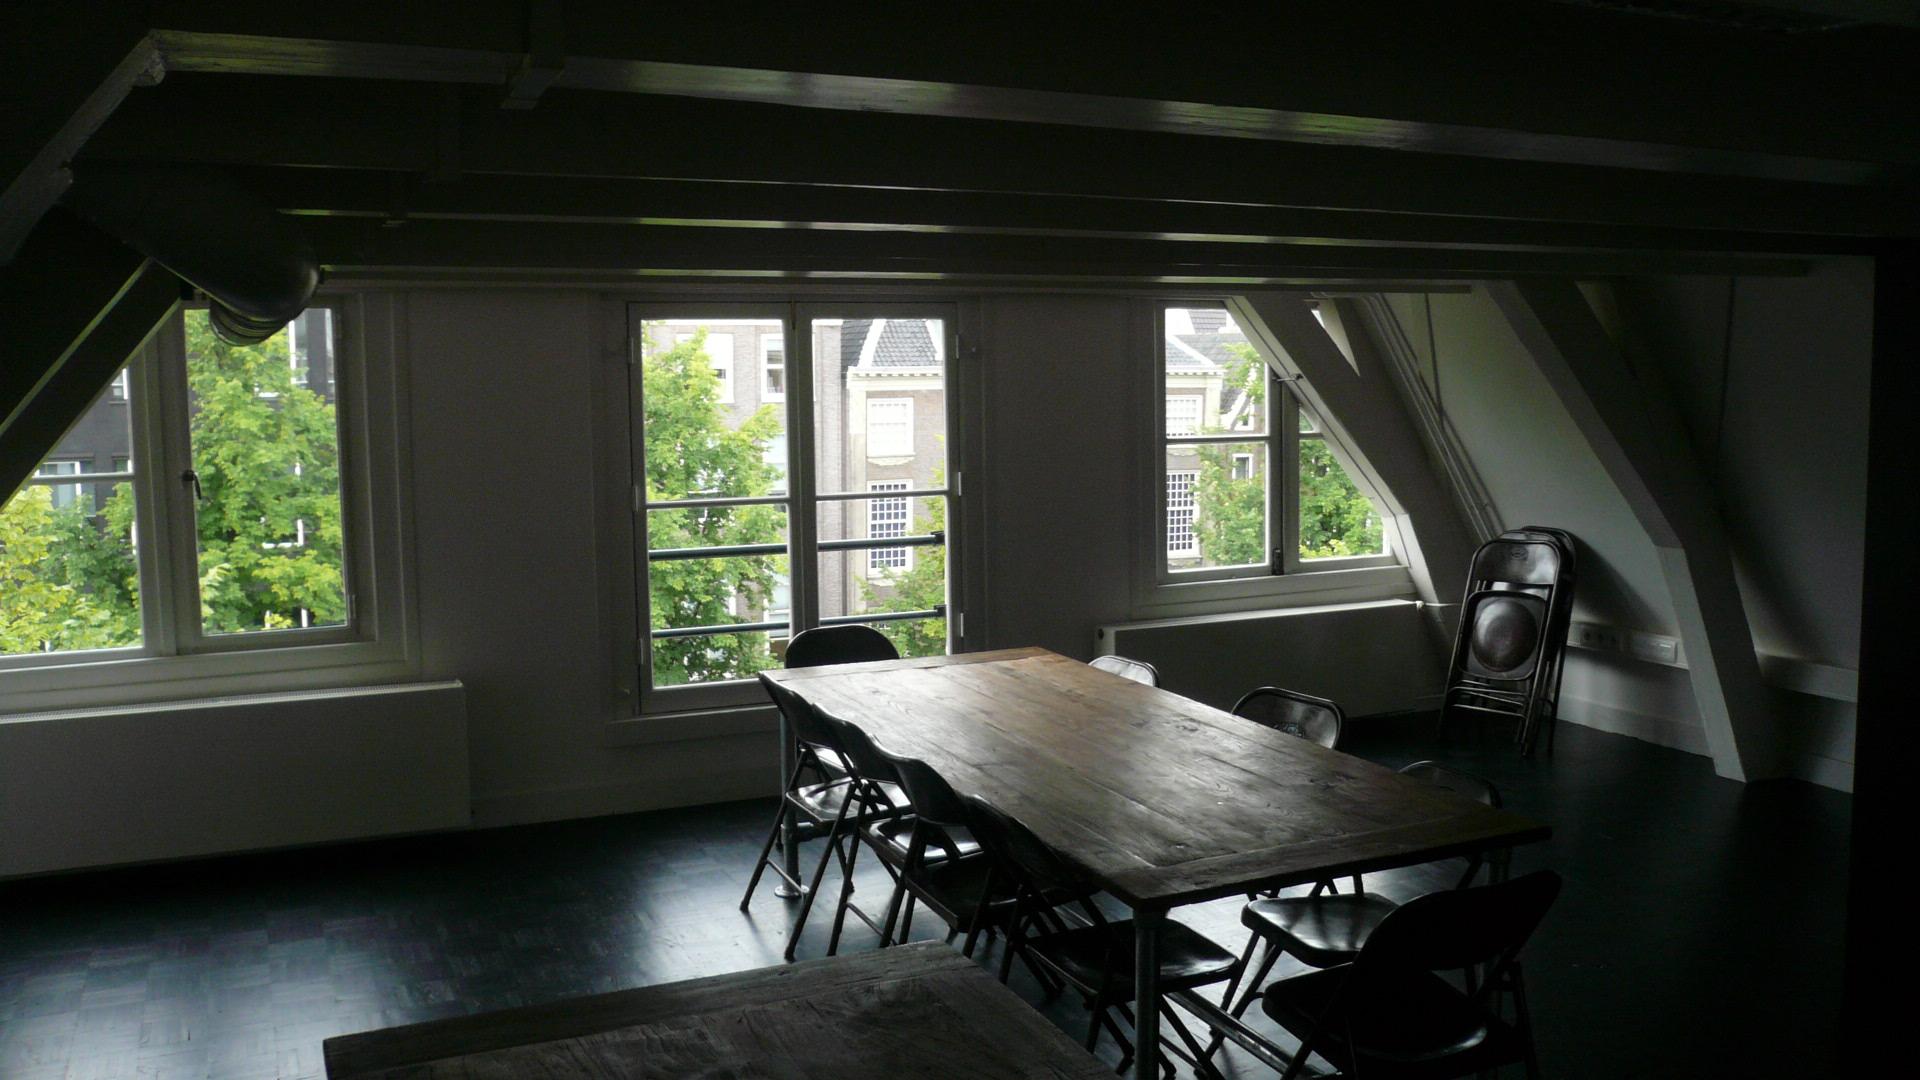 Kantoor Huren Amsterdam : Klein kantoor huren arnhem kantoor huren amsterdam